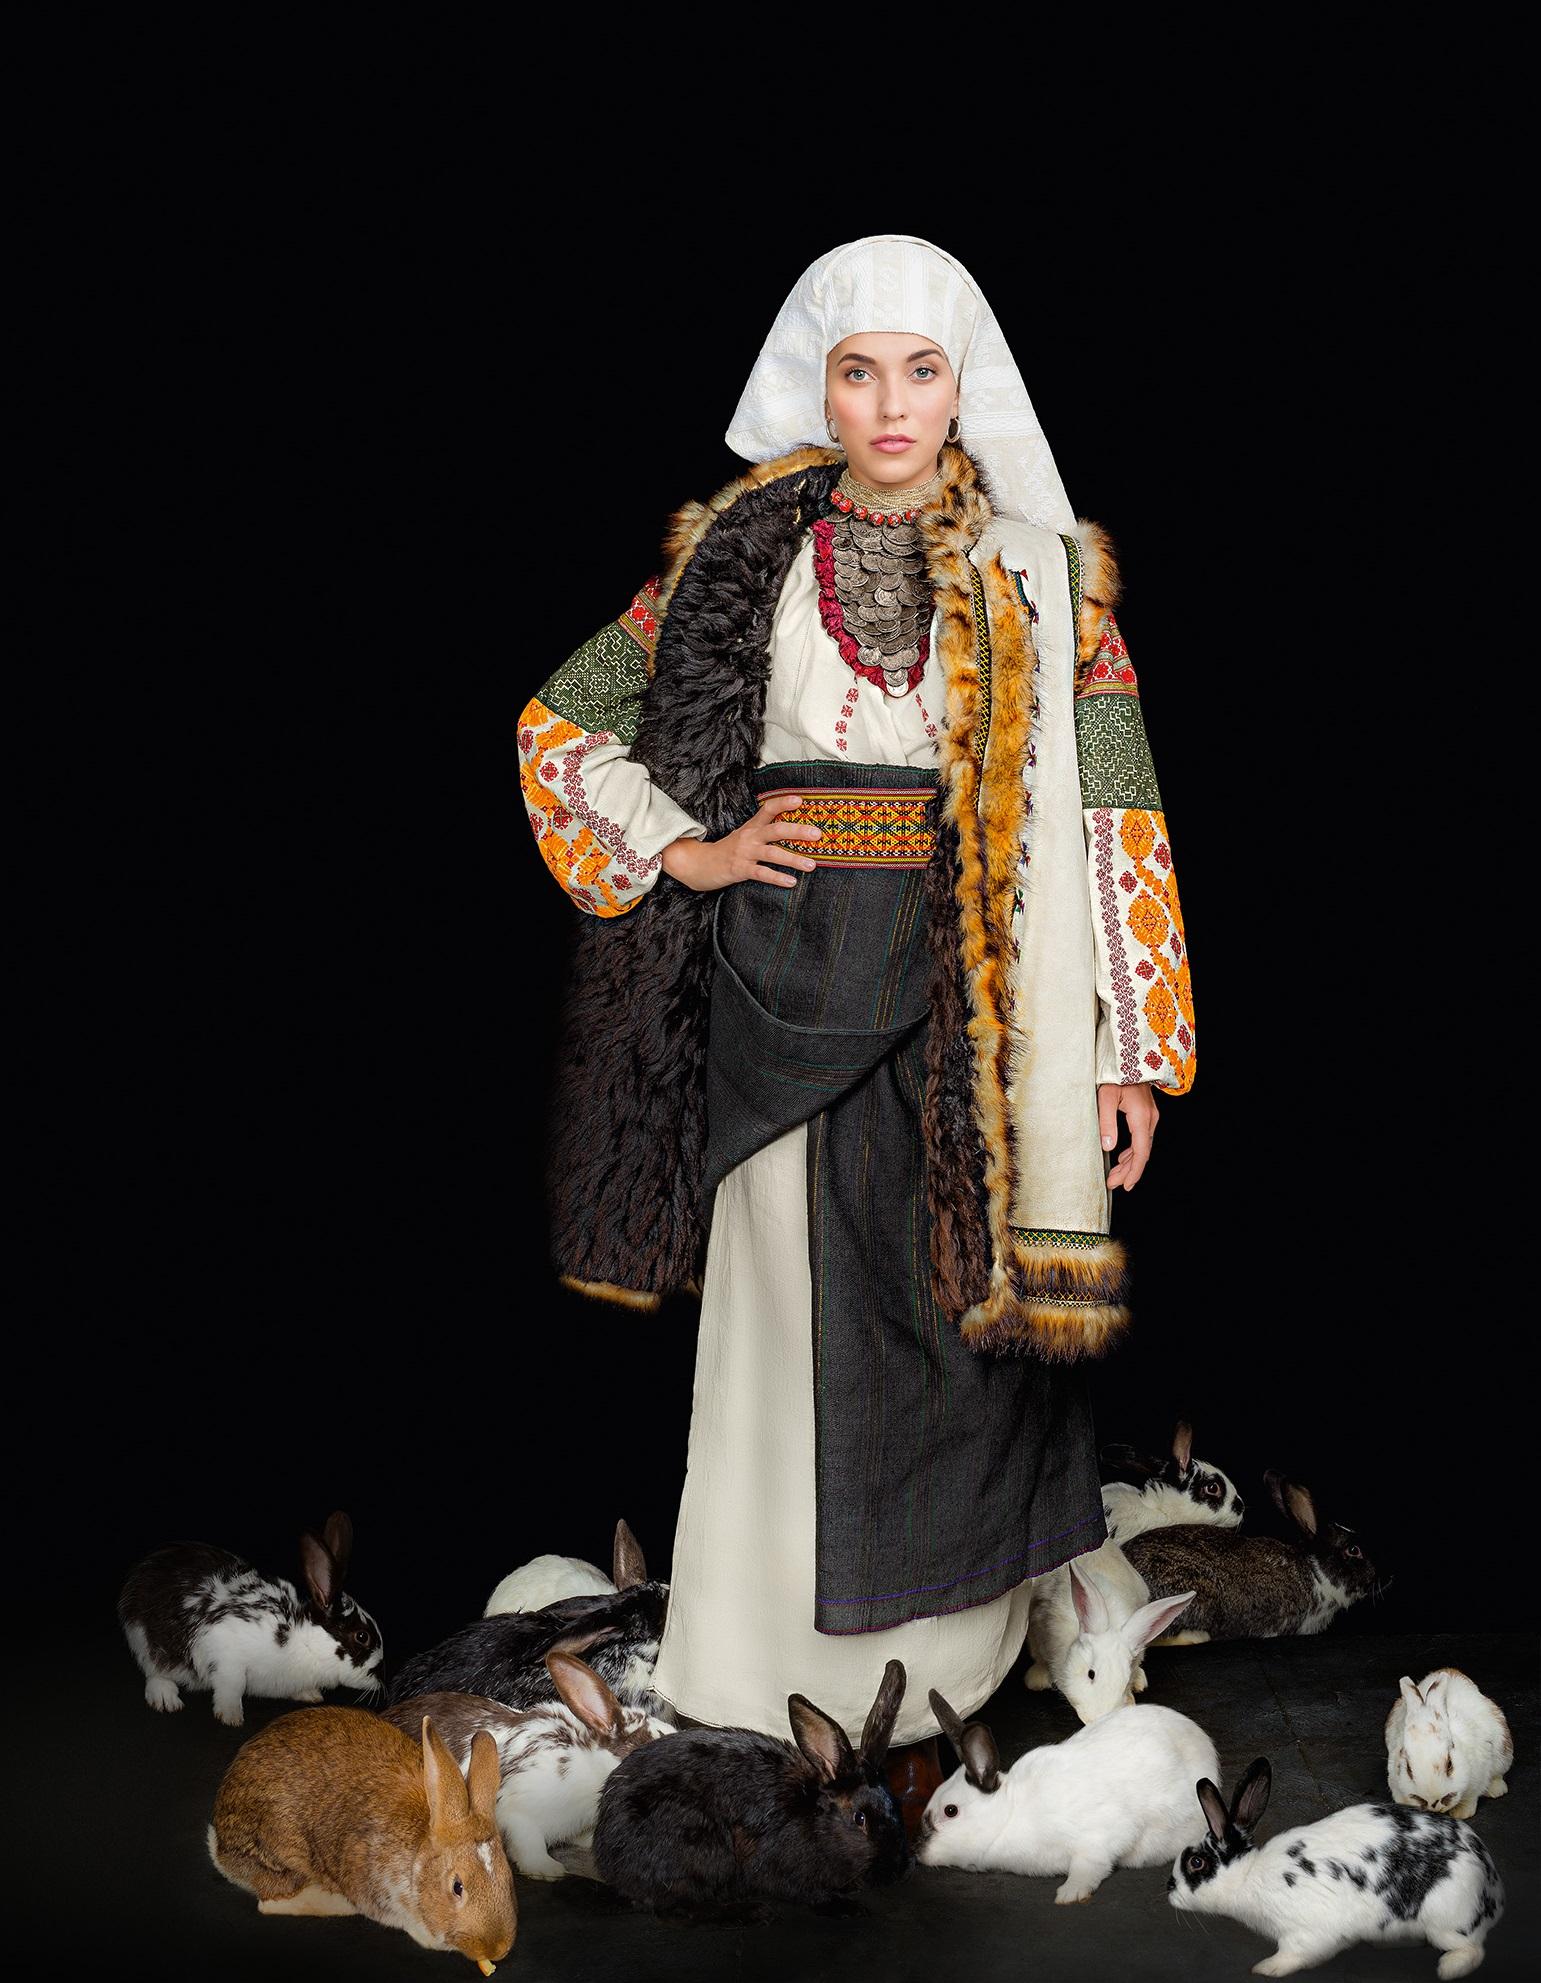 Кароль, Фреймут, Єфросиніна вбралися у розкішне українське вбрання - фото 4